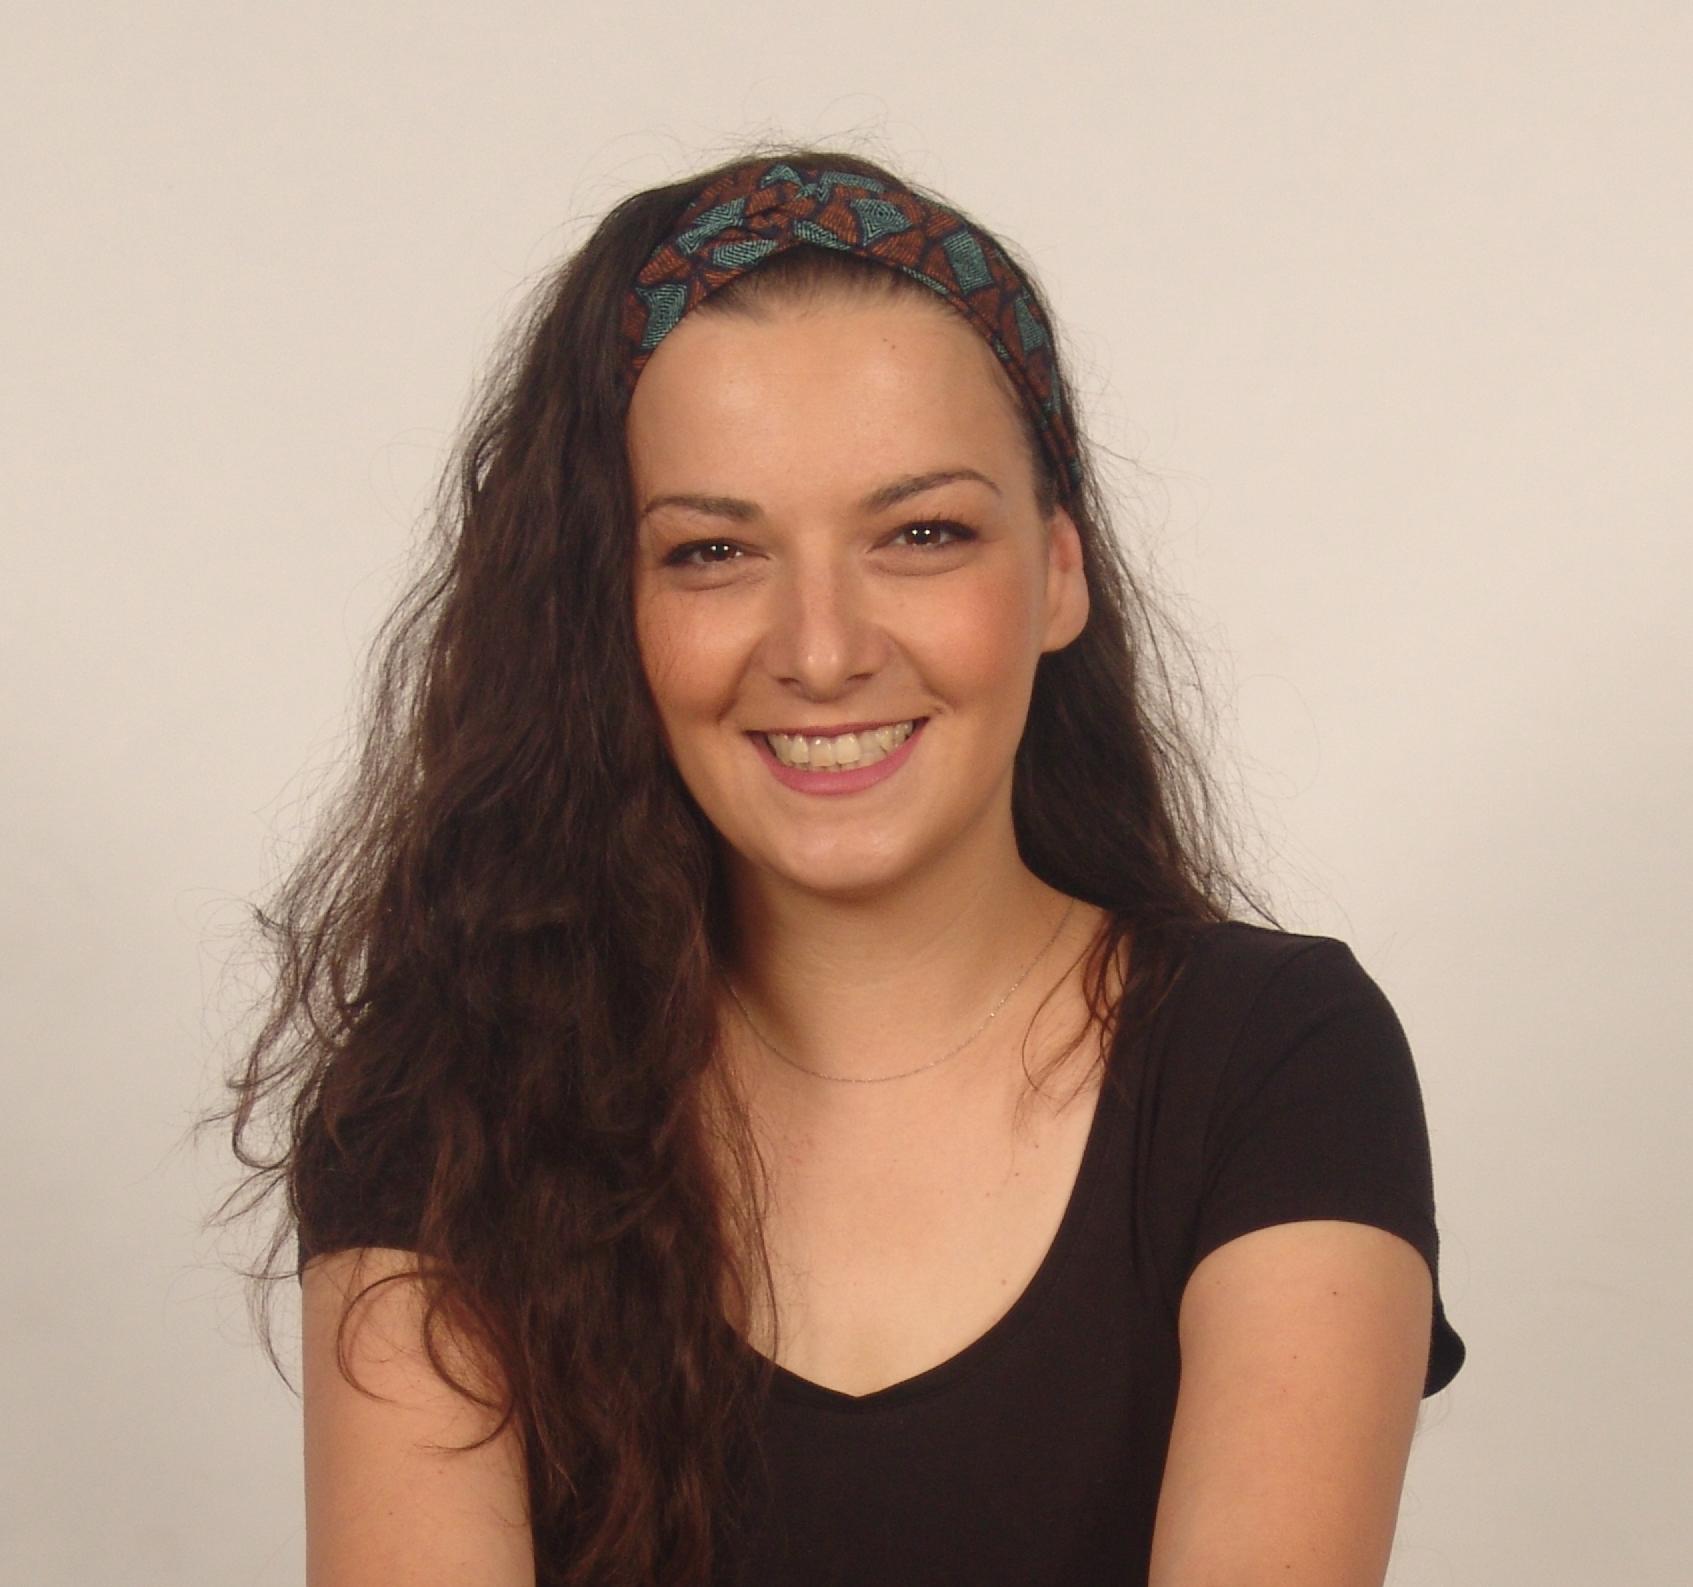 Η Μαρία Δεληγιάννη είναι ερμηνεύτρια